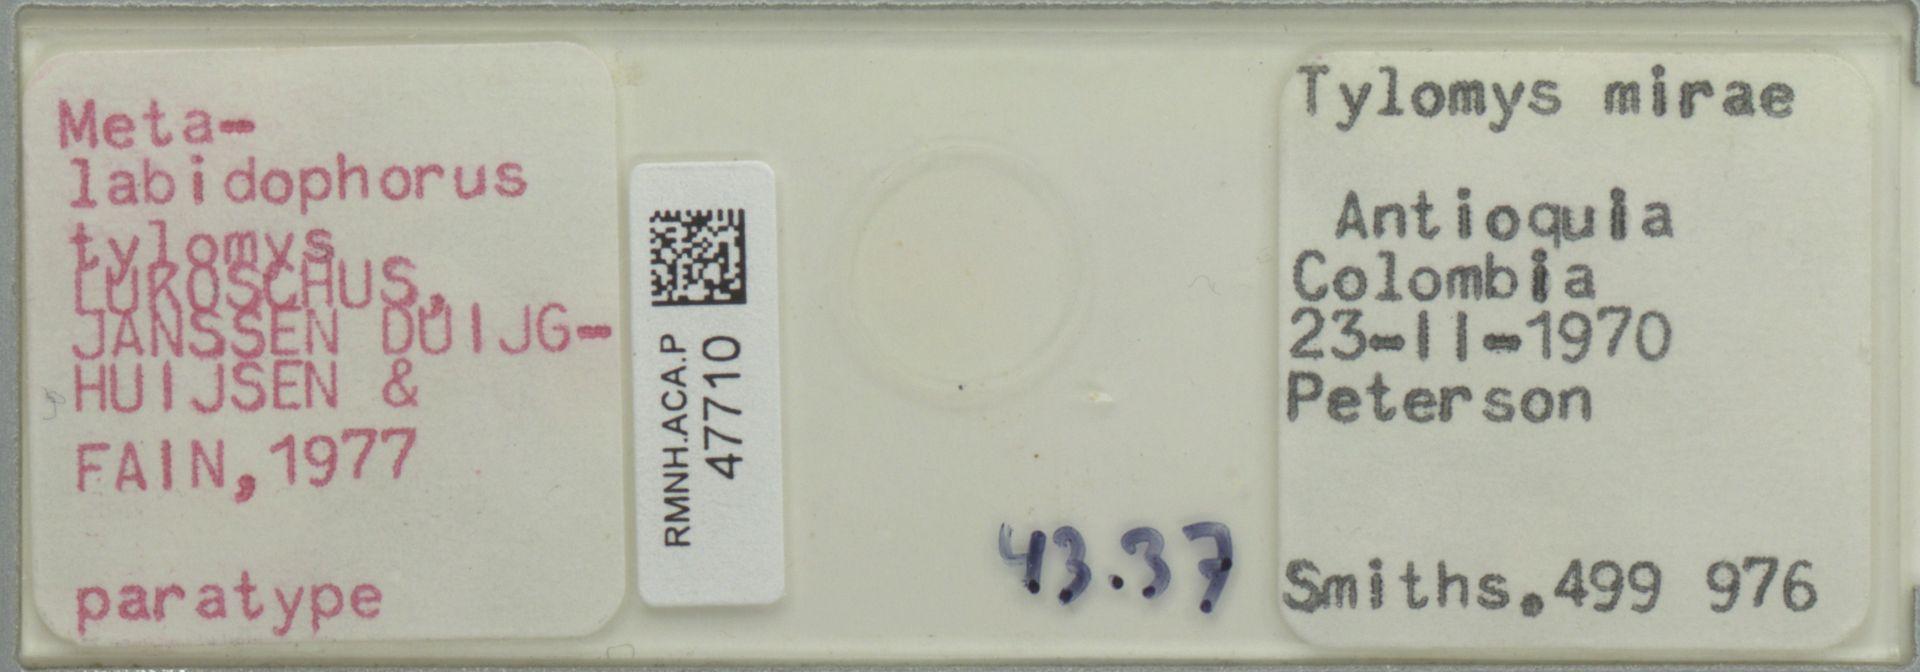 RMNH.ACA.P.47710 | Metalabidophorus tylomys Lukoschus, Janssen Duijghuijzen & Fain, 1977